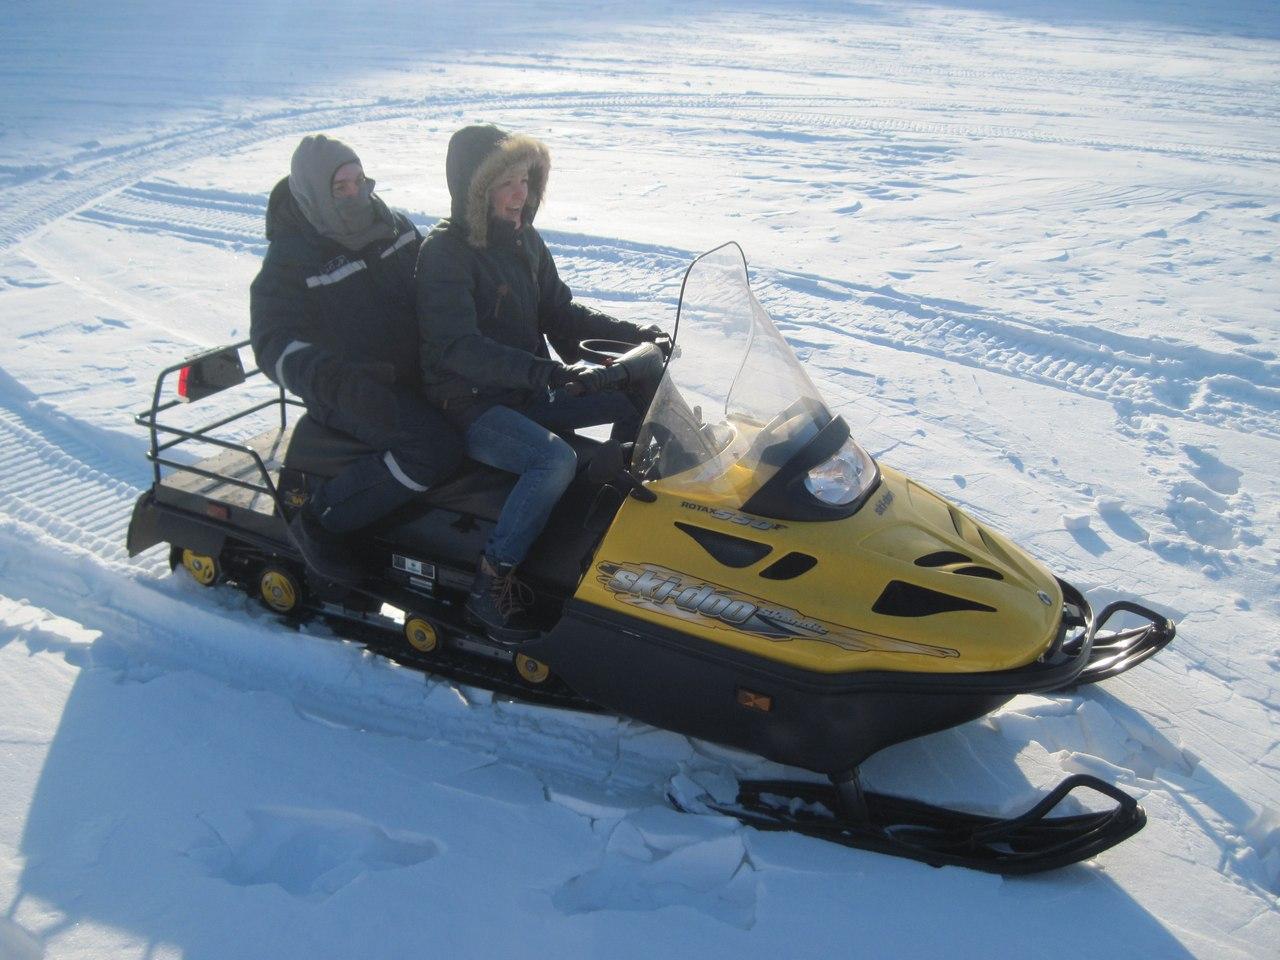 Спасатели отметили 15-летие ТОСЭР катанием на снегоходах с журналистами  6